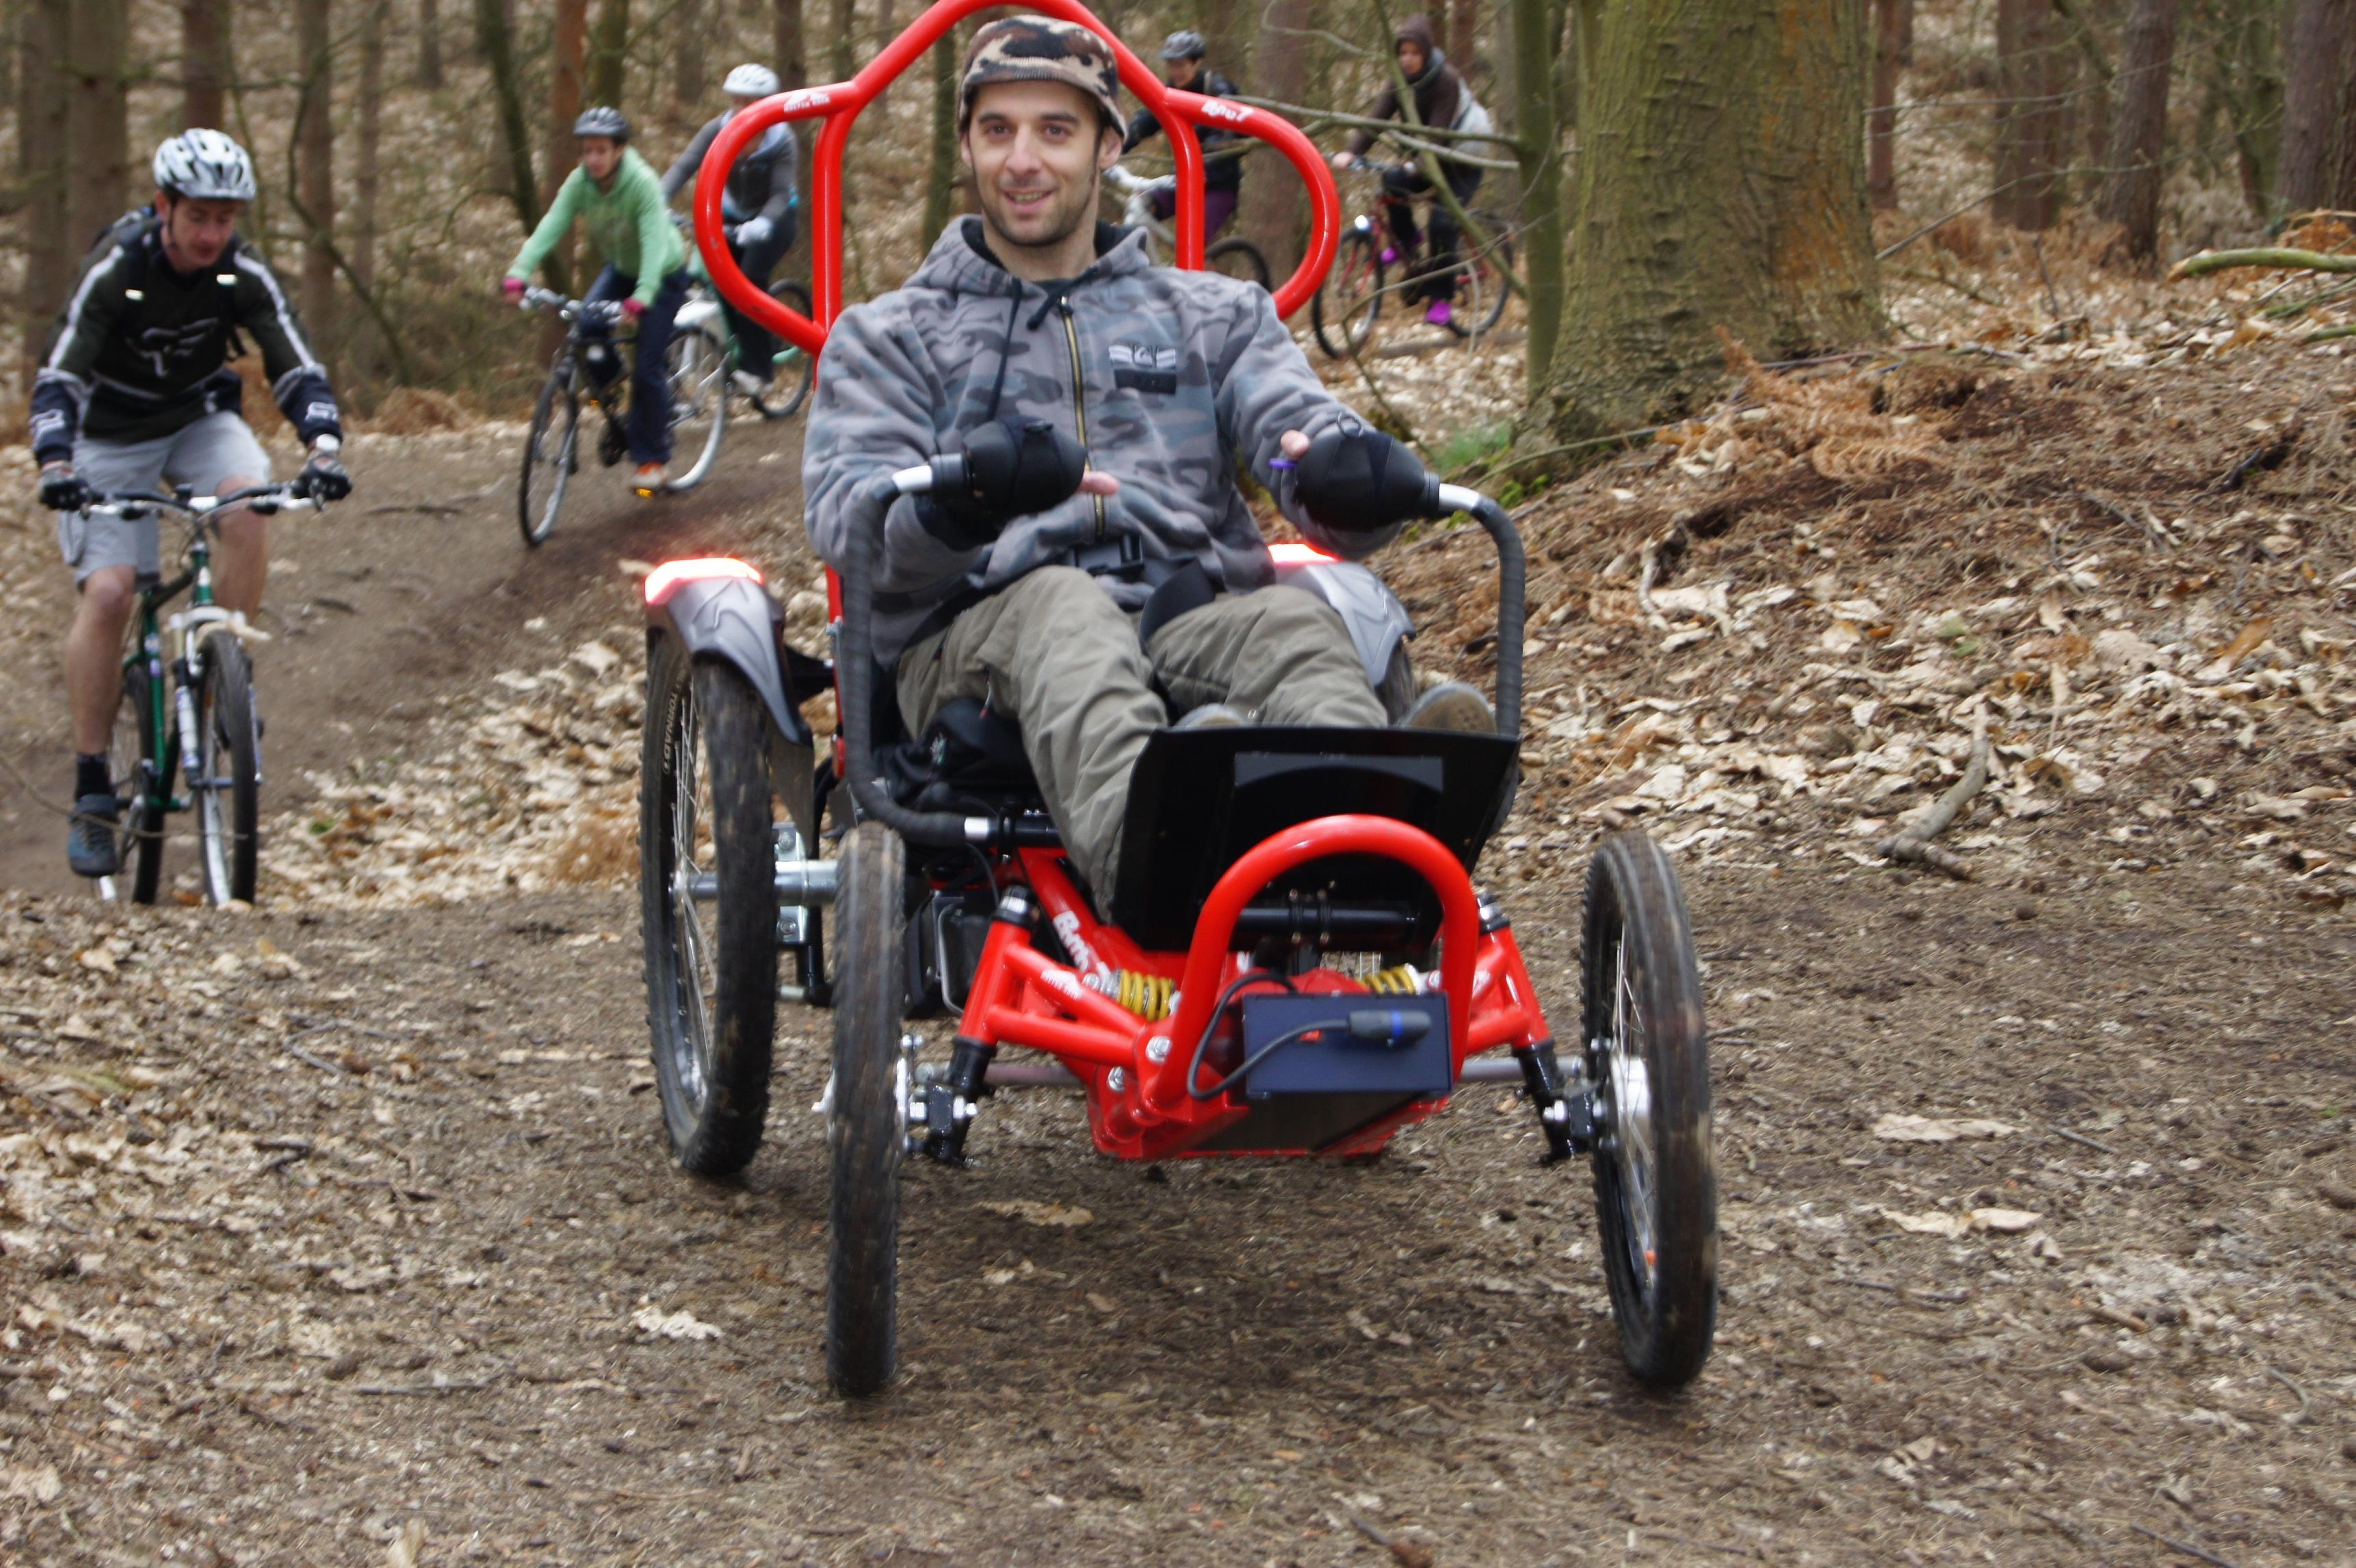 Exploring Boma All Terrain Wheelchair trial in Brecon Beacons – All Terrain Chair